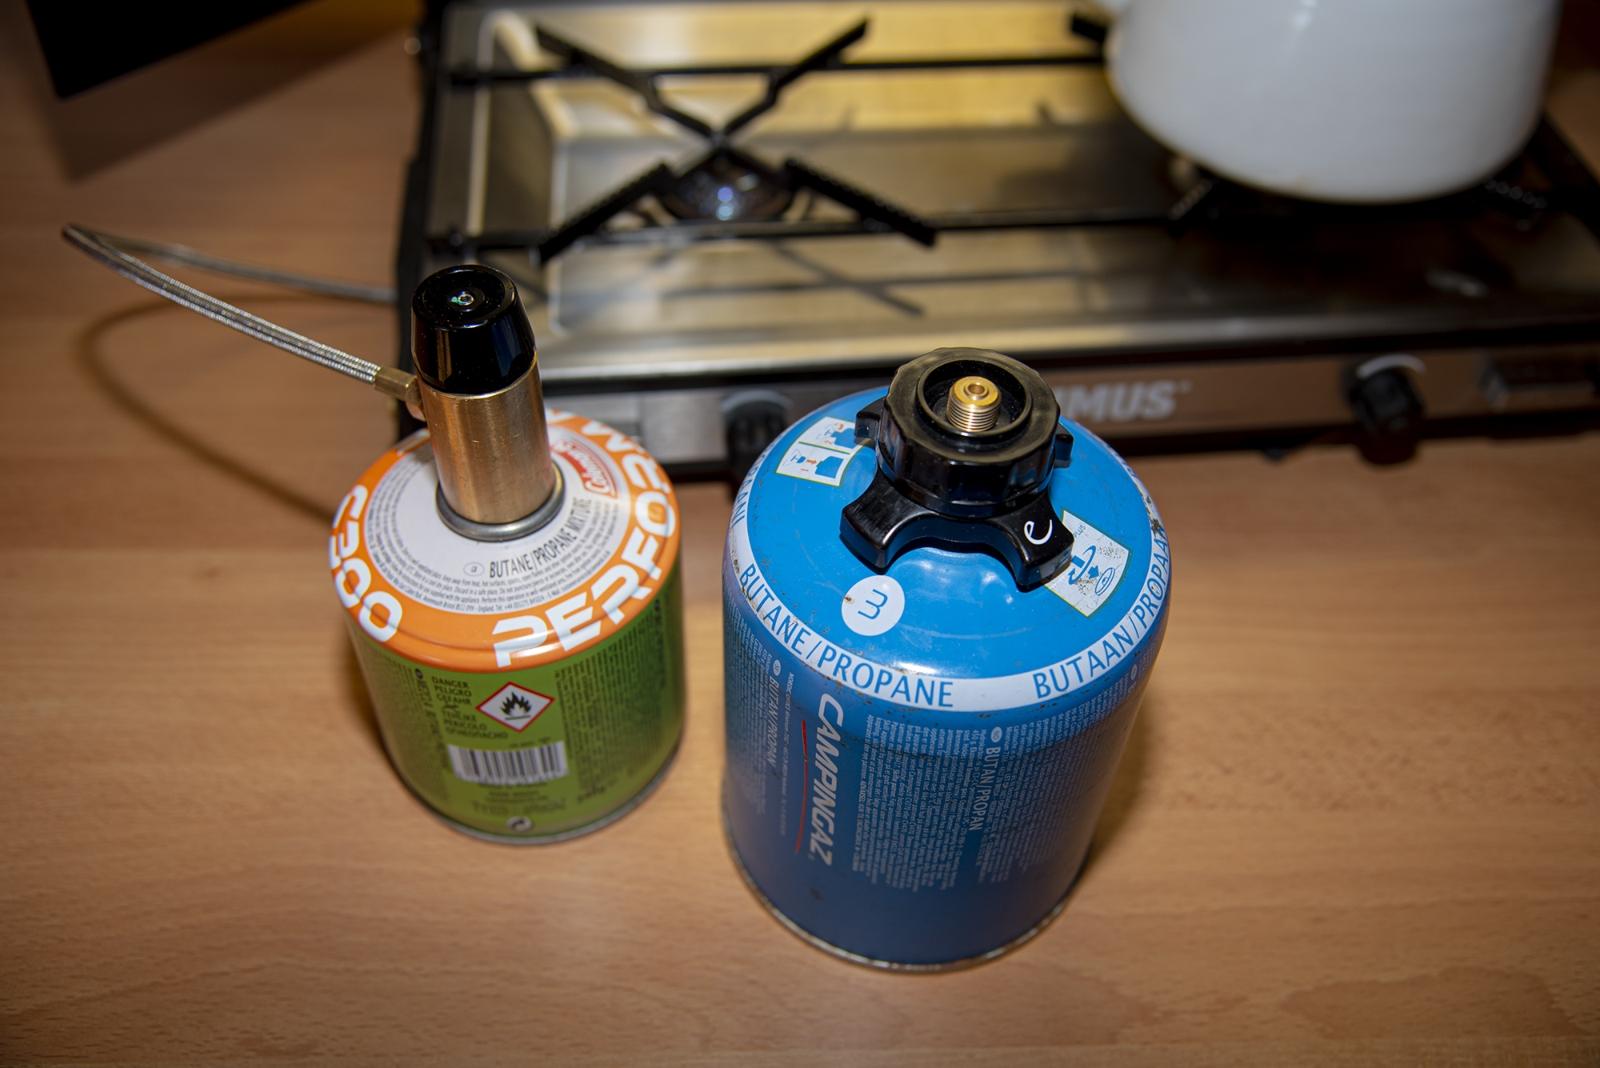 Mit einem Adapter aus dem Camping-Zubehör können auch die Campingaz-Kartuschen mit Bajonett-Verschluss verwendet werden.